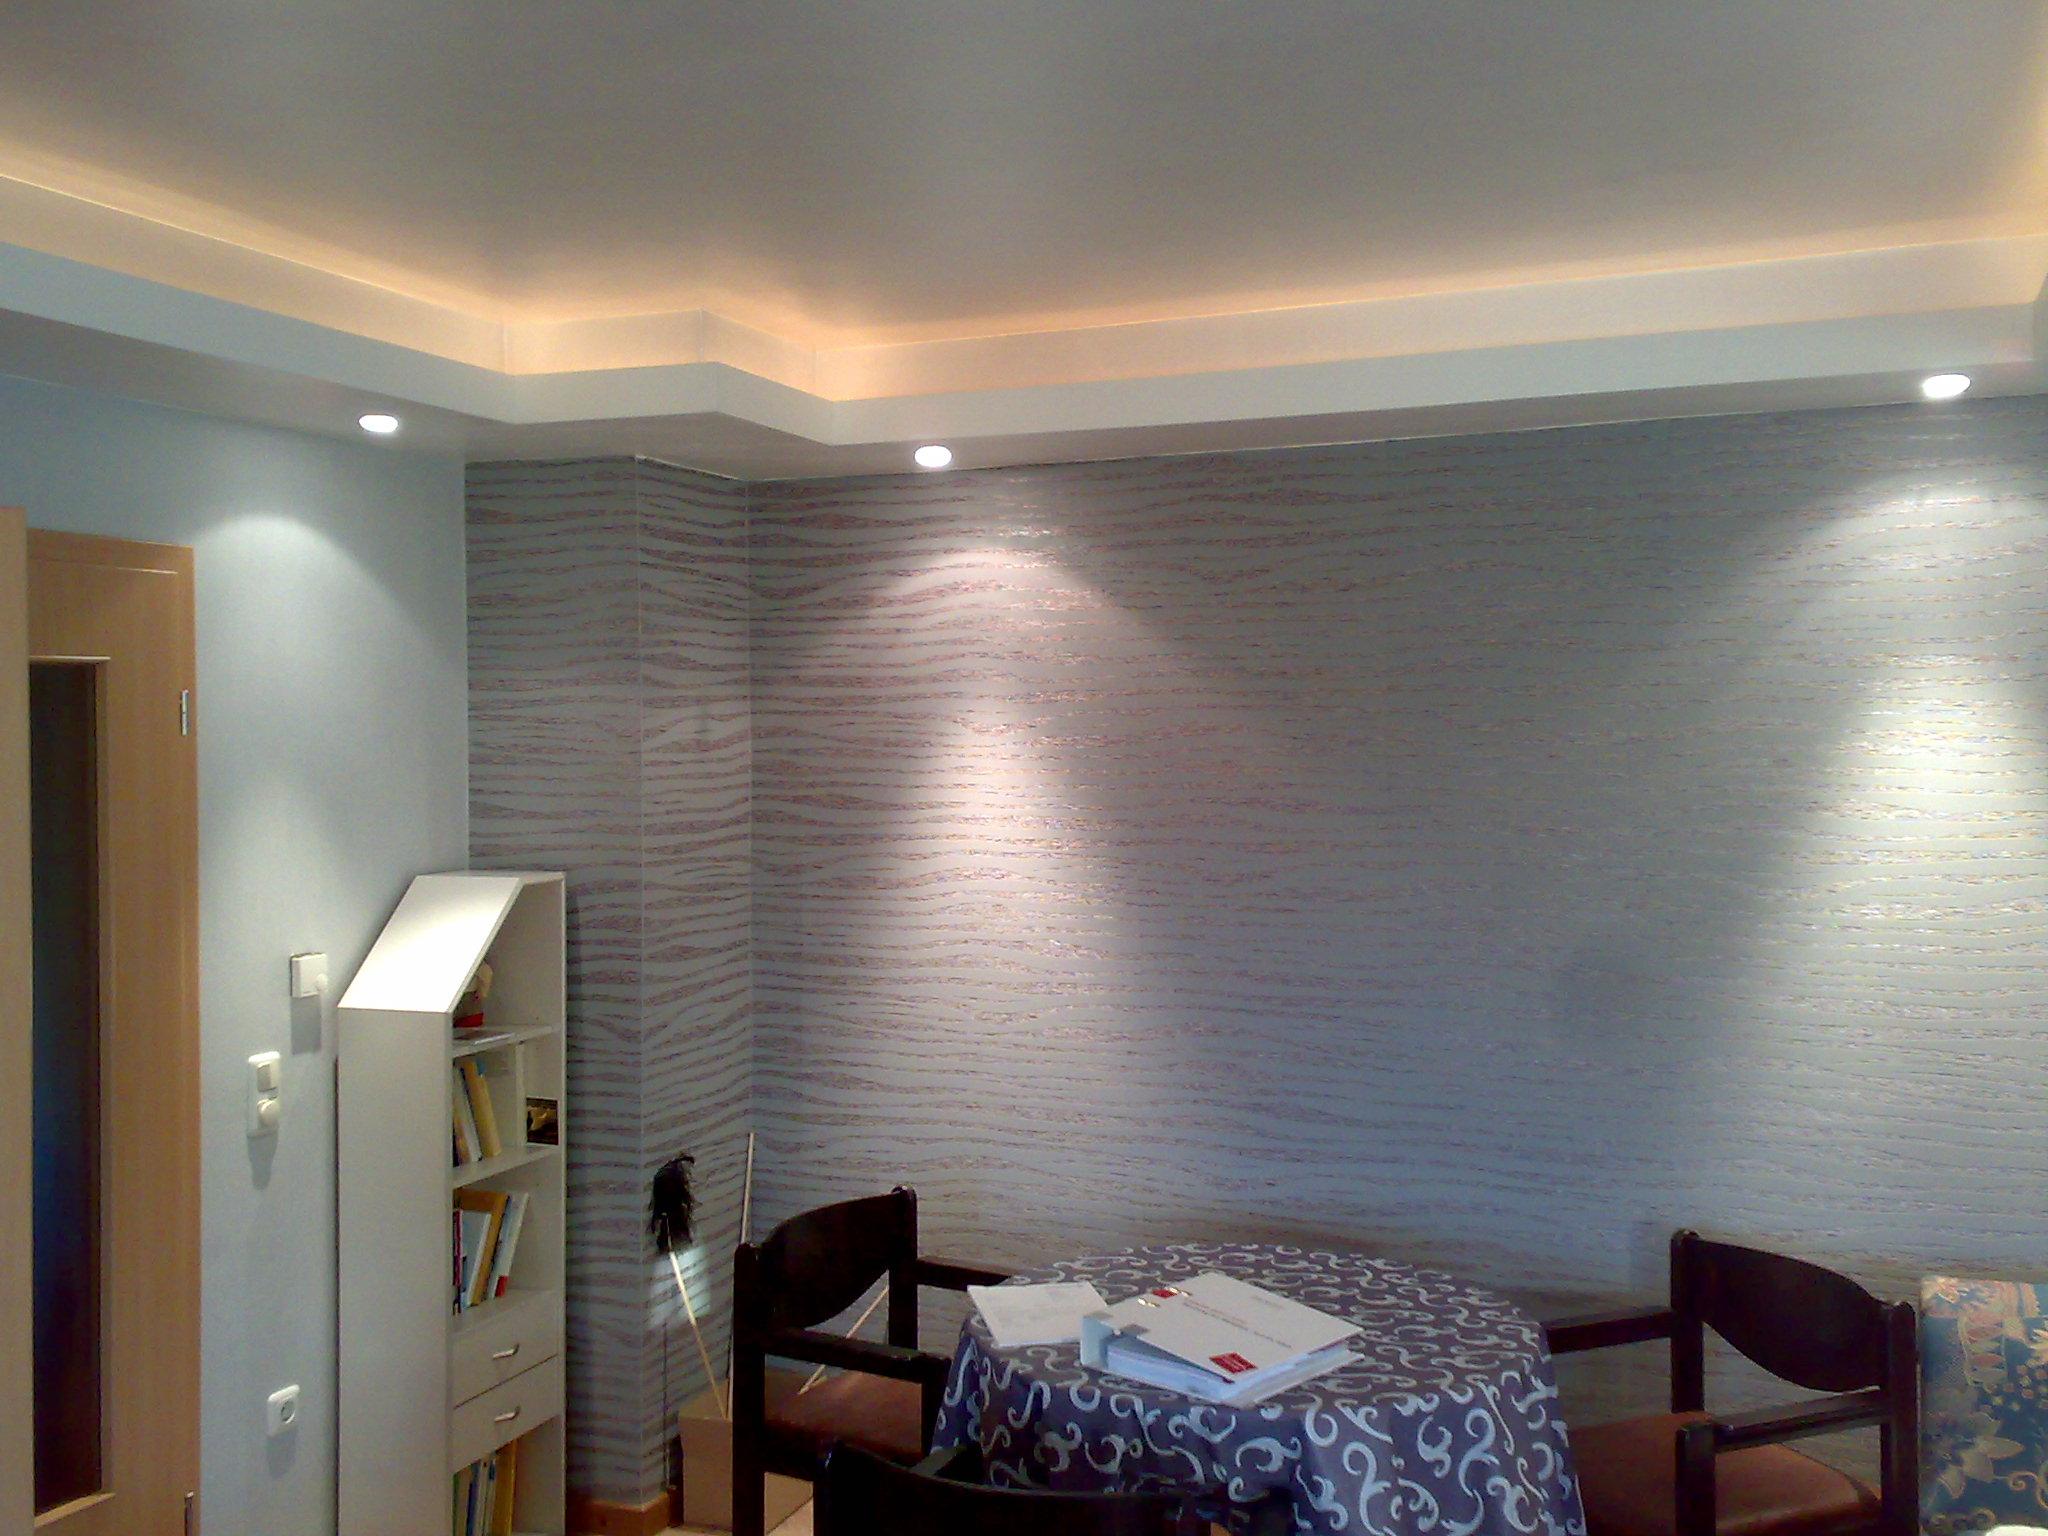 Steinwand Wohnzimmer Beleuchtung